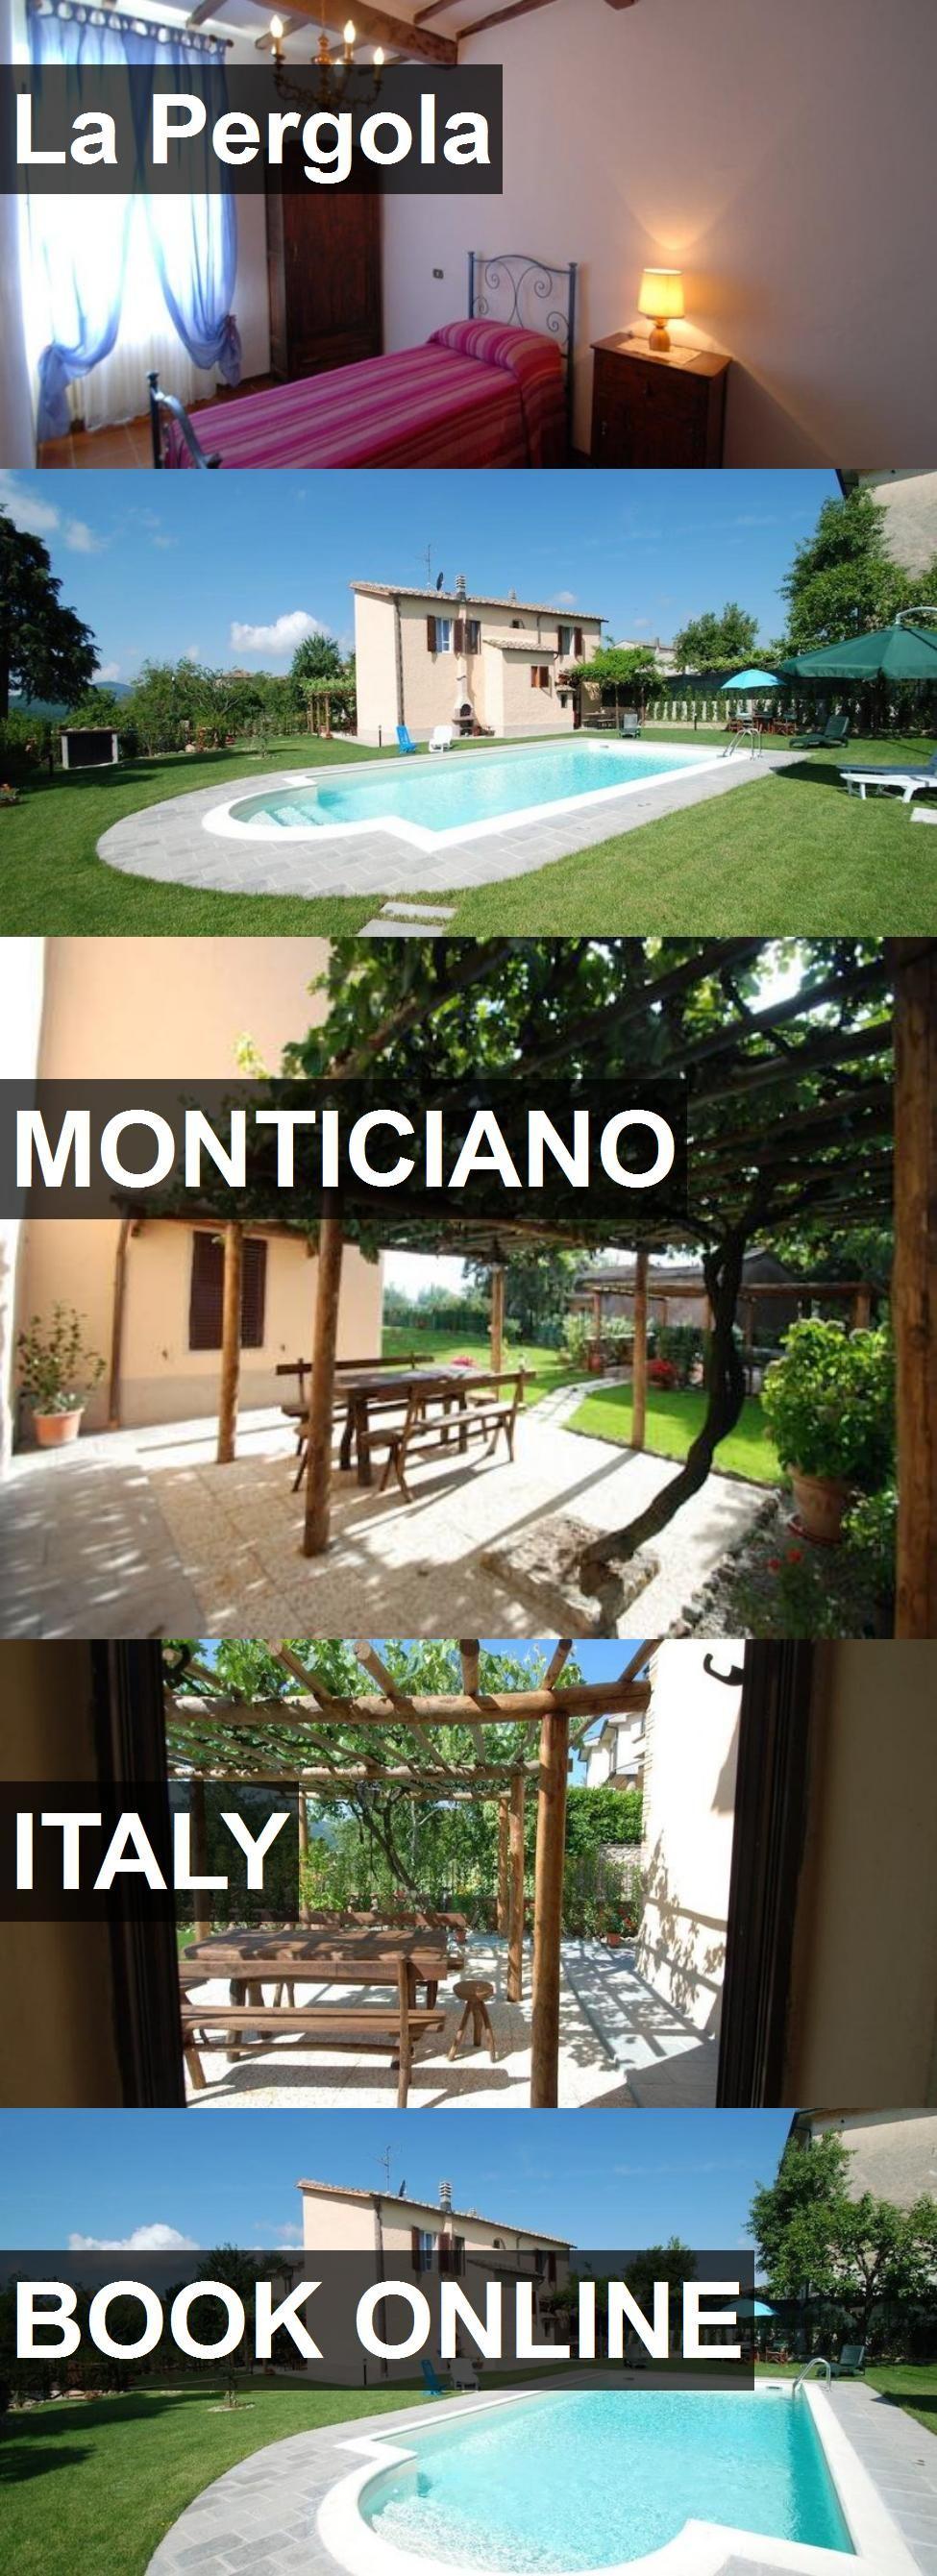 Hotel La Pergola in Monticiano, Italy. For more